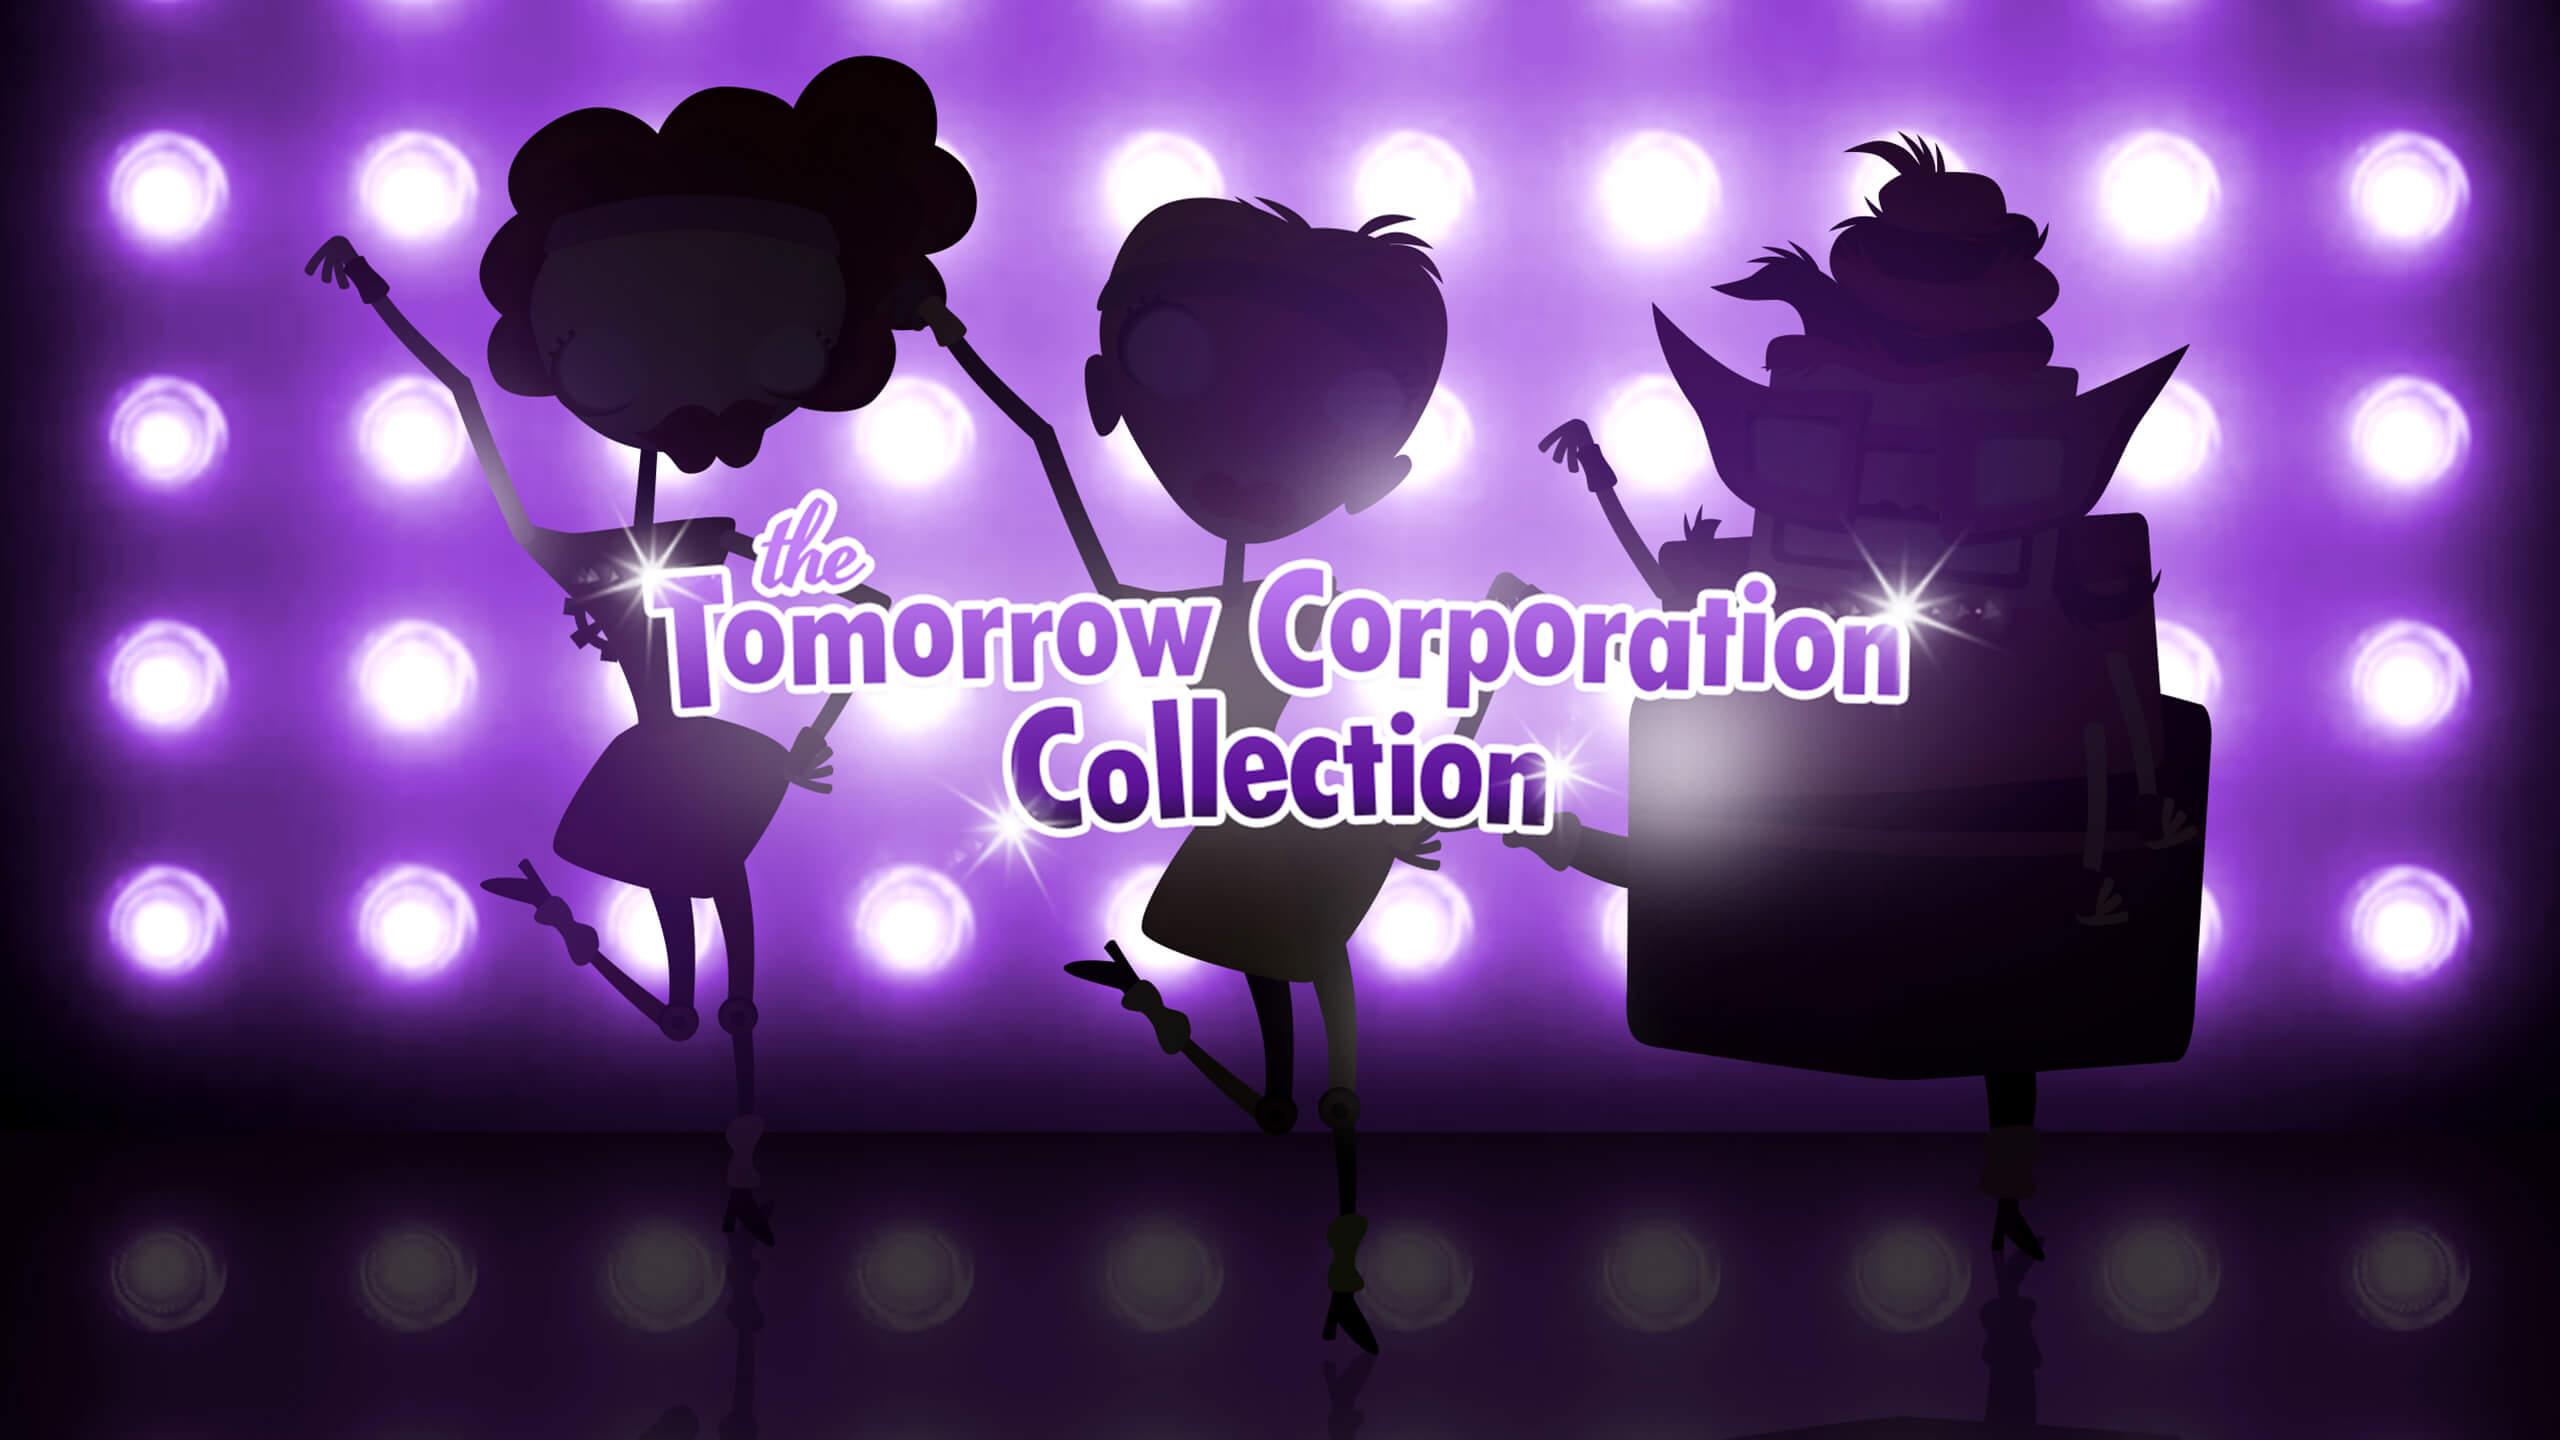 ¡The Tomorrow Corporation Collection ya está disponible! Disfruta aventuras fuera de lo común con Little Inferno, Human Resource Machine y 7 Billion Humans.